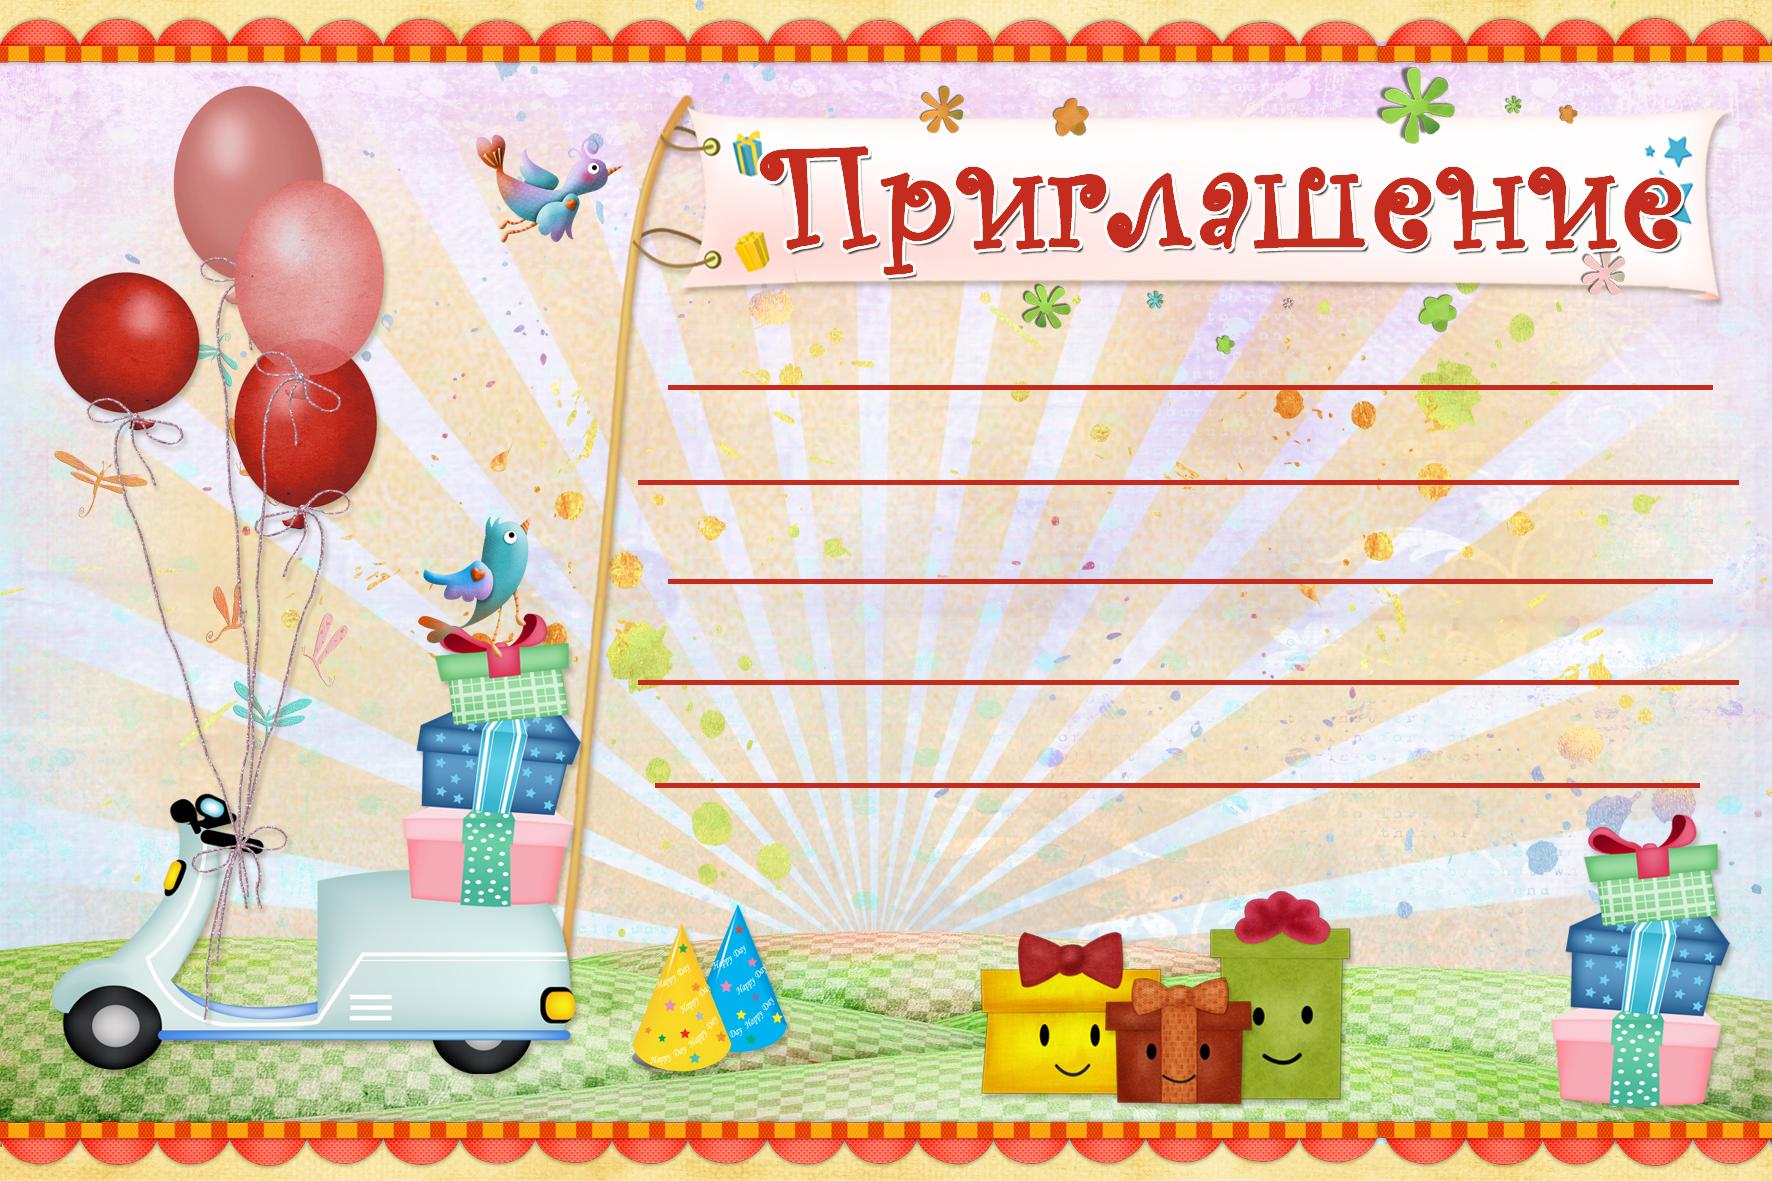 Поздравление с днем рождения в детский сад - Все для детского